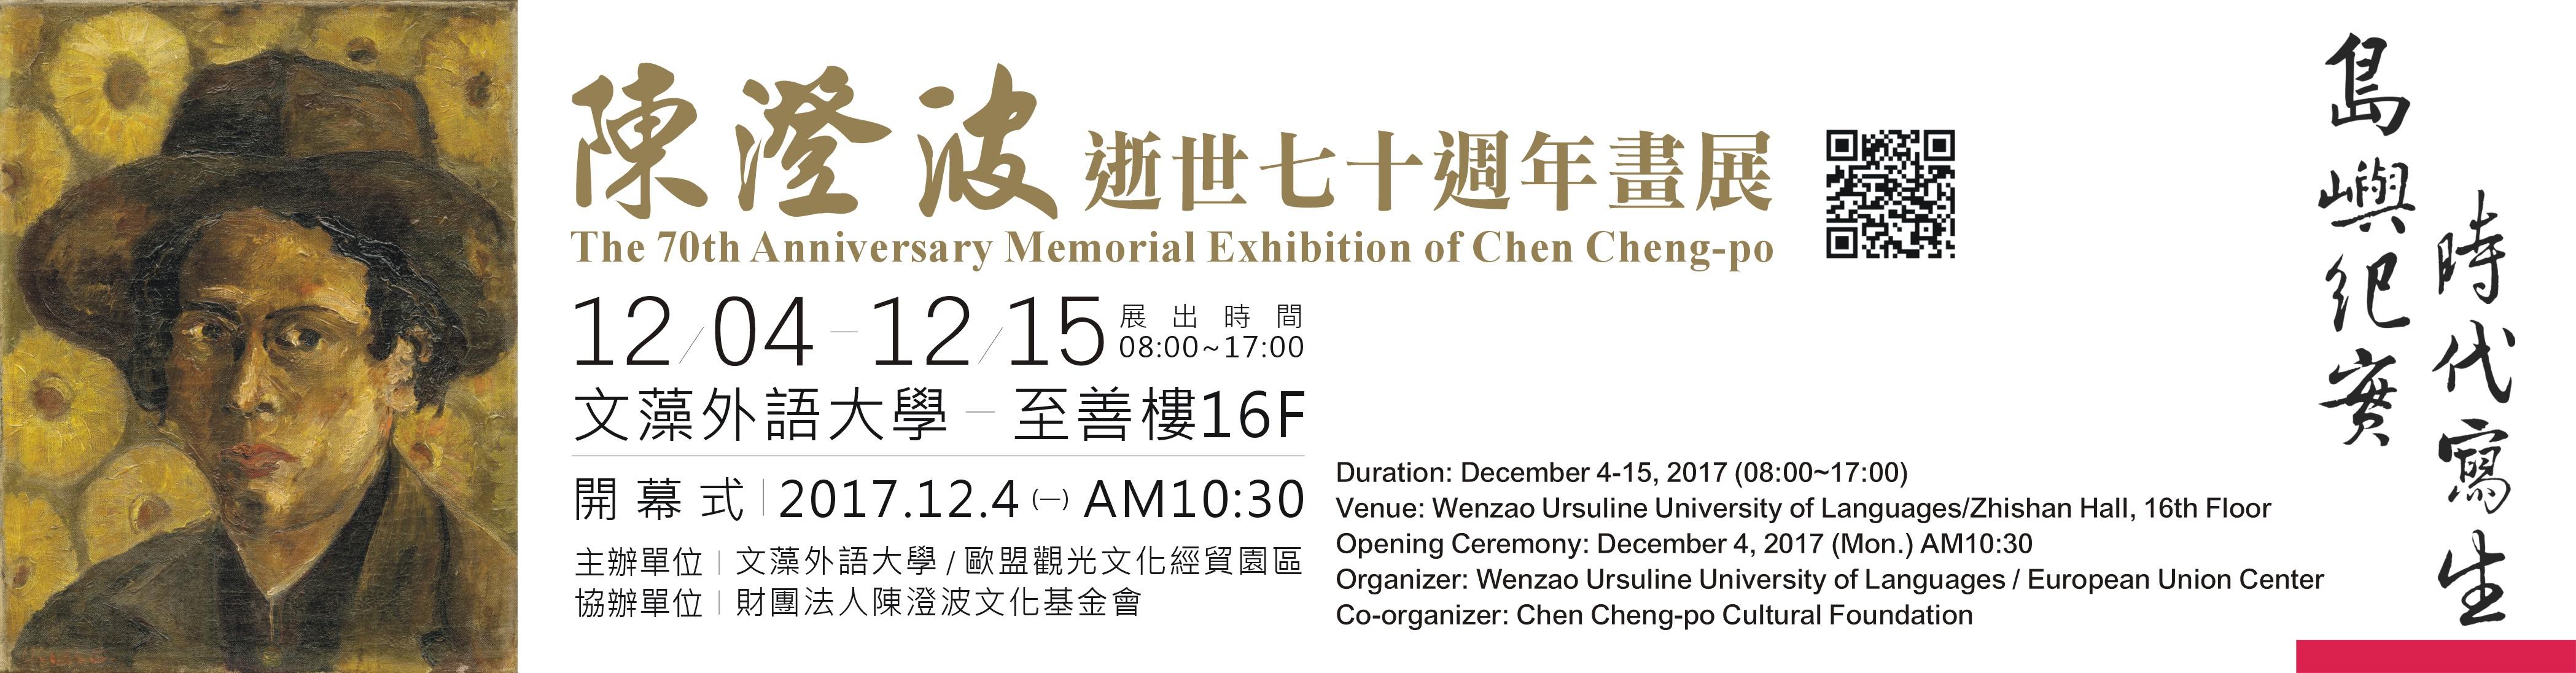 _陳澄波逝世七十週年畫展-banner.jpg